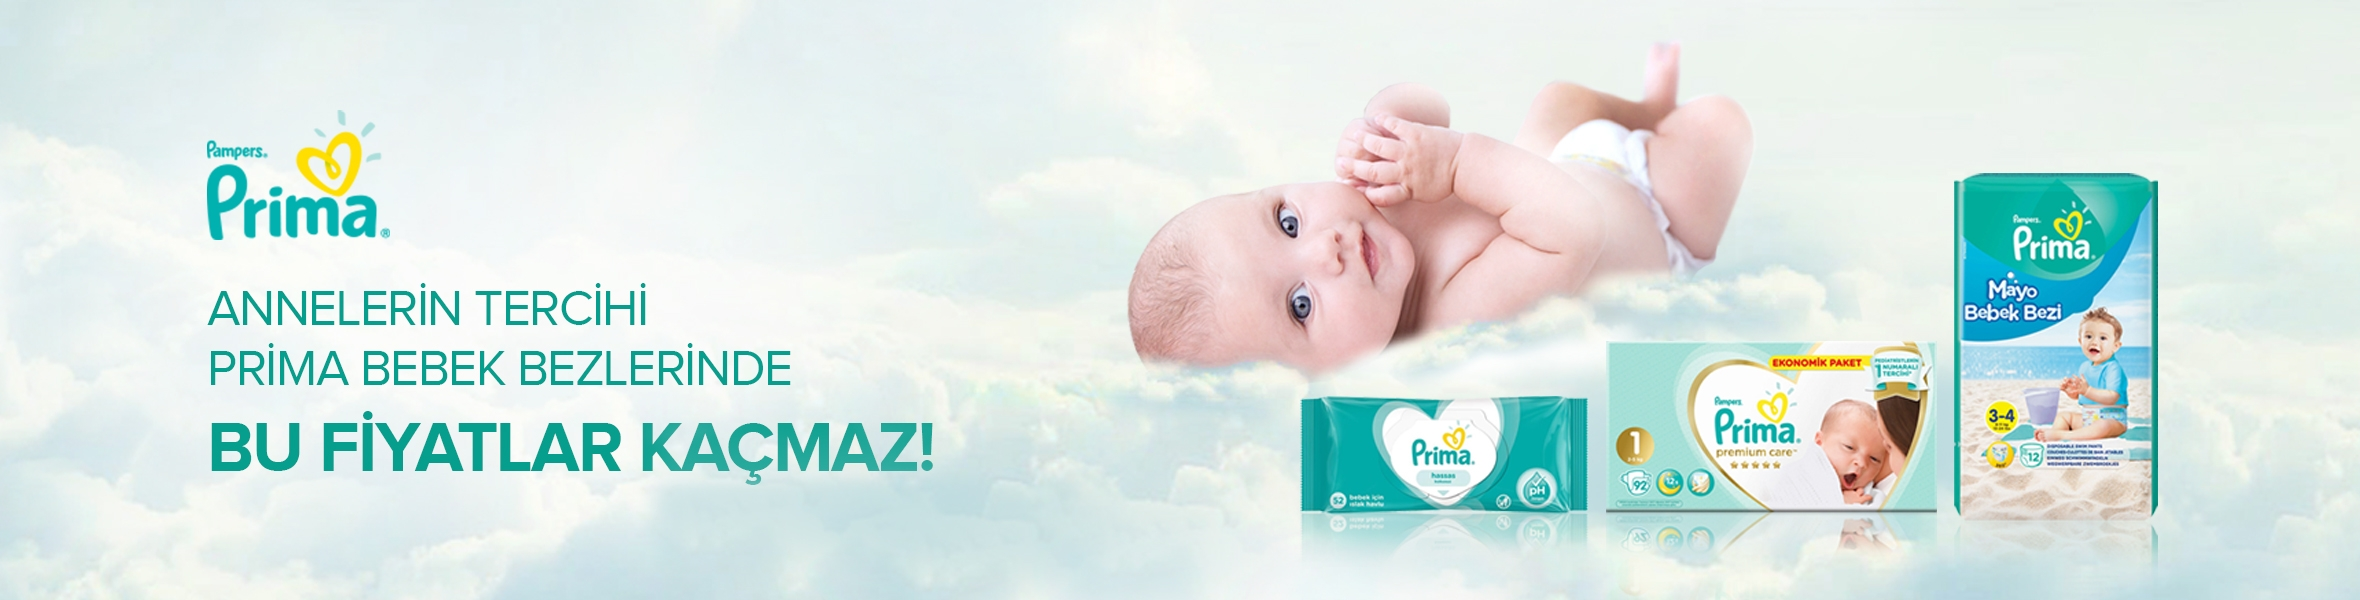 Prima Bebek Bezlerinde uygun fiyatlar !